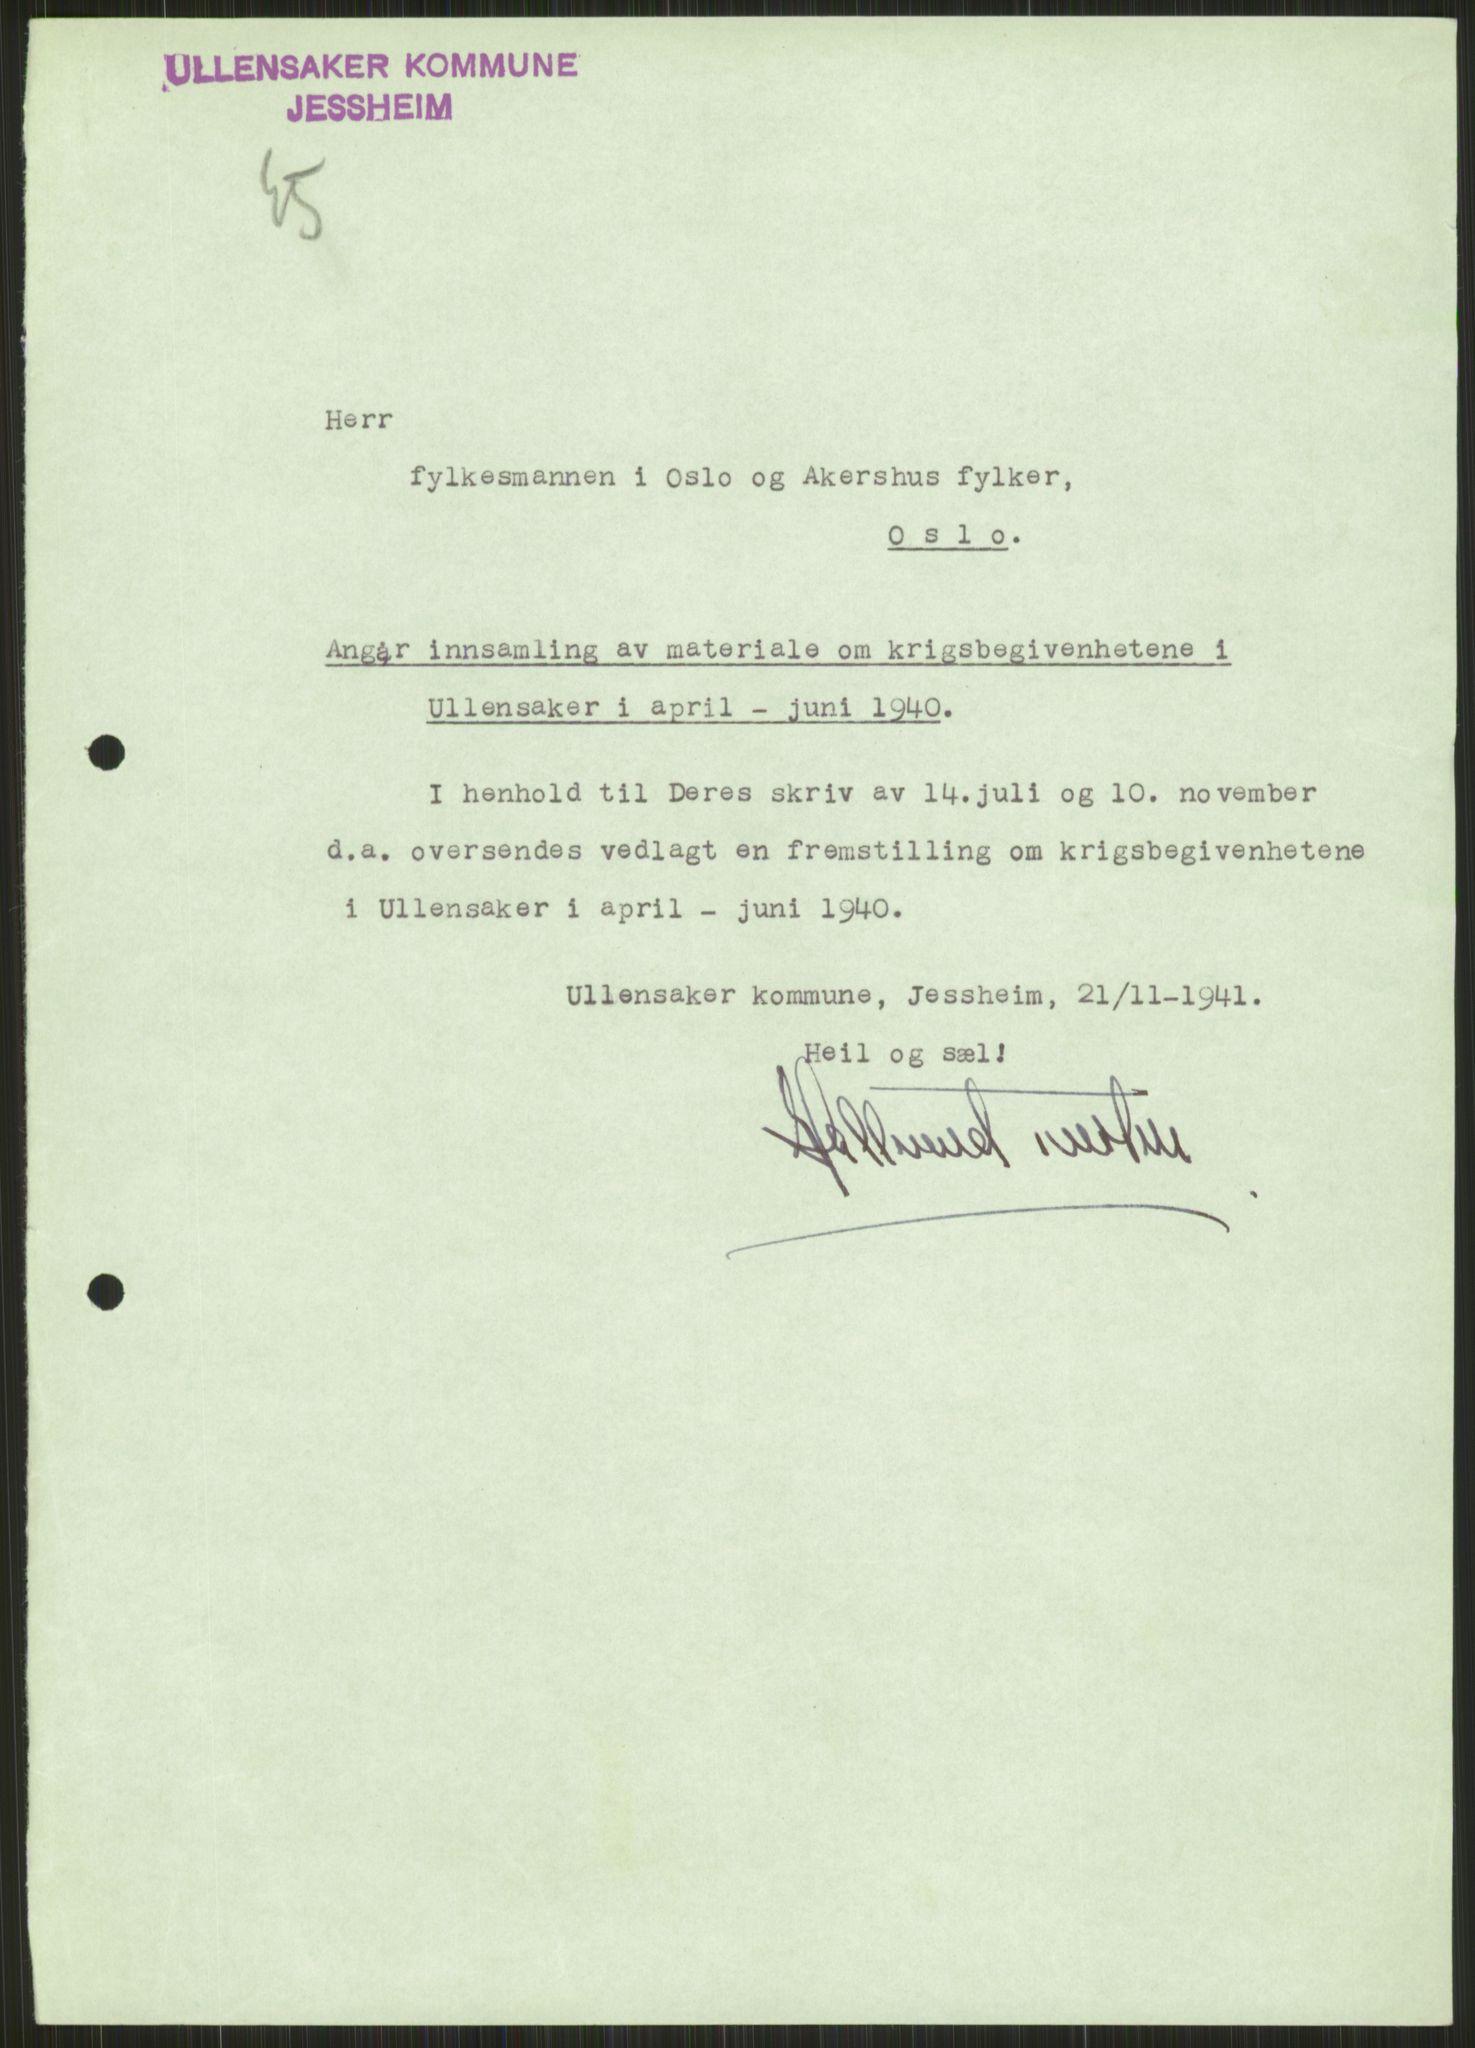 RA, Forsvaret, Forsvarets krigshistoriske avdeling, Y/Ya/L0013: II-C-11-31 - Fylkesmenn.  Rapporter om krigsbegivenhetene 1940., 1940, s. 837